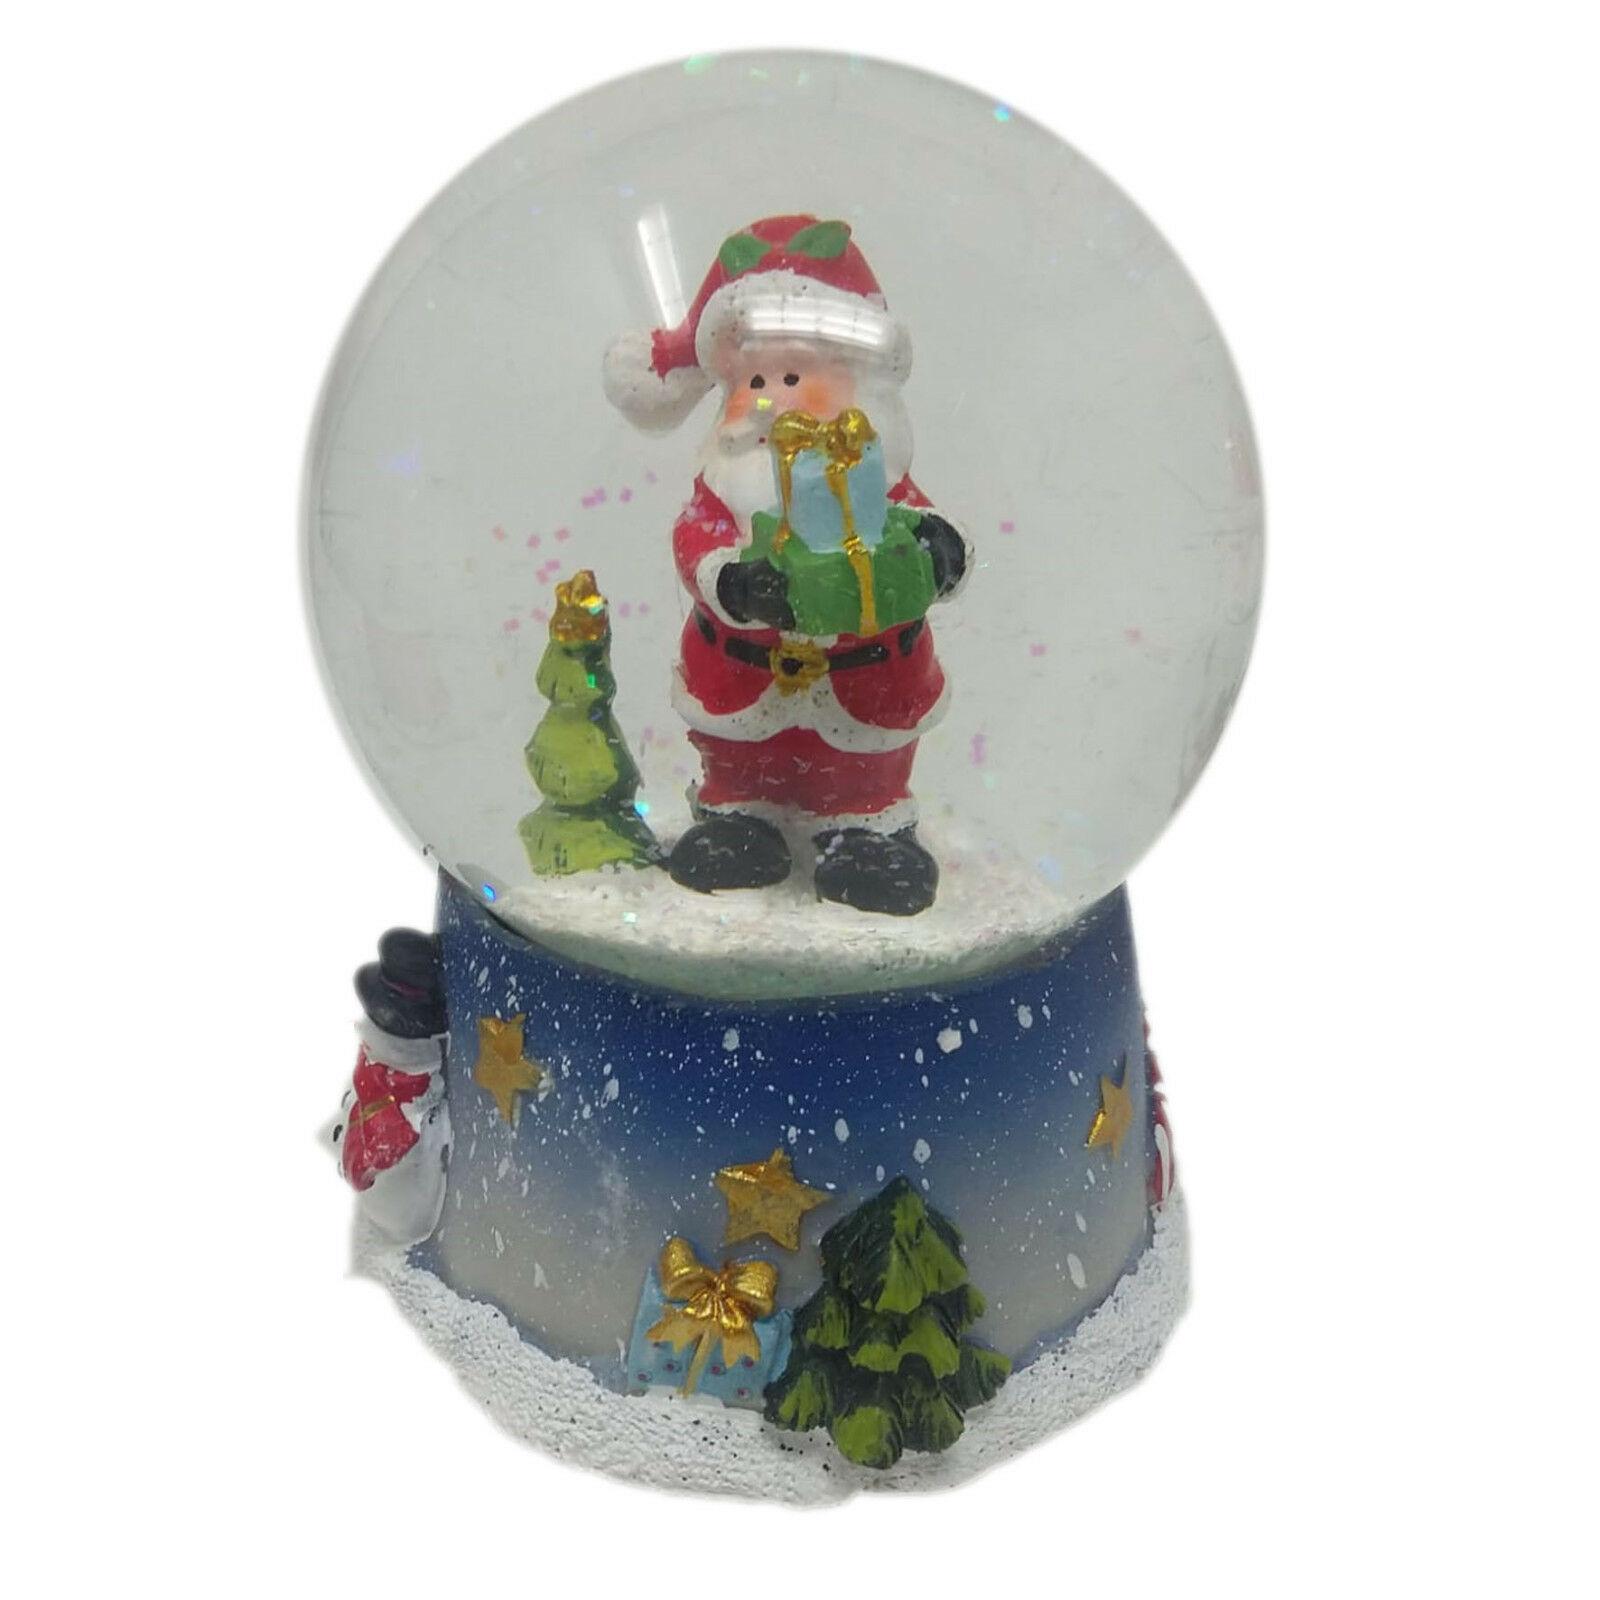 NATALE decorazione natalizia palla di vetro BABBO NATALE CARILLON EFFETTO NEVE